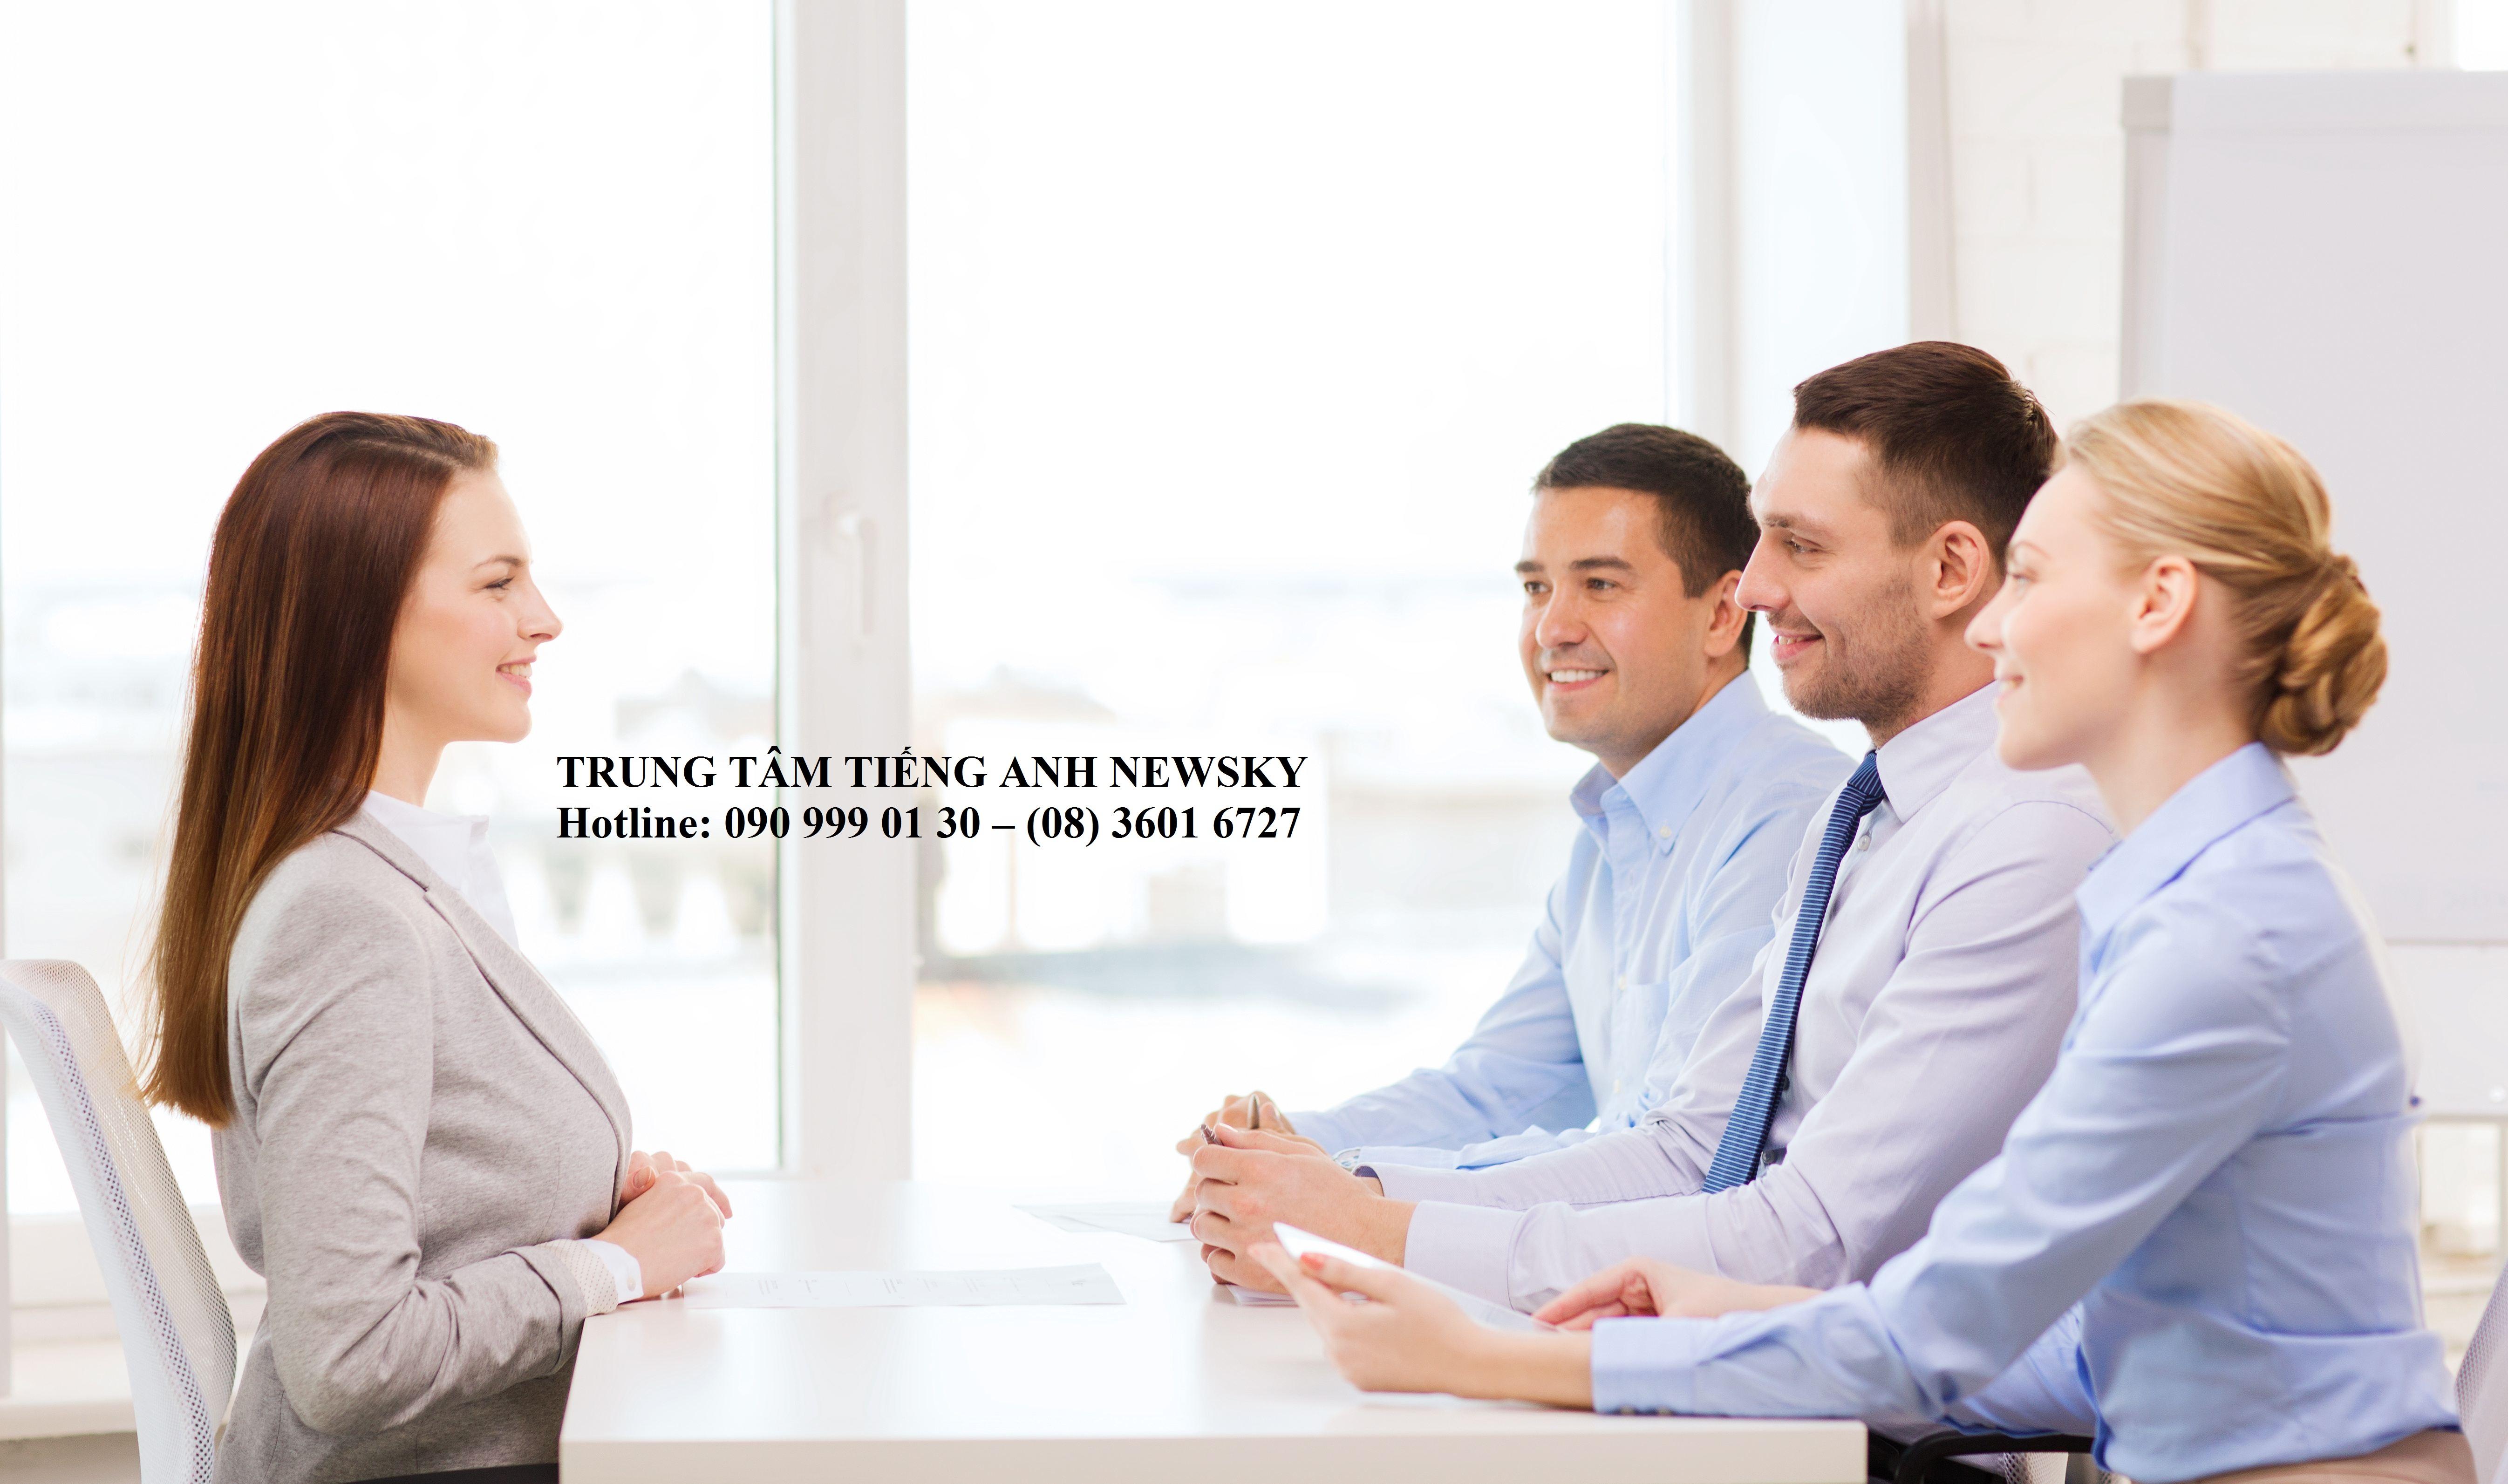 Một số câu hỏi thường gặp khi phỏng vấn bằng Tiếng Anh